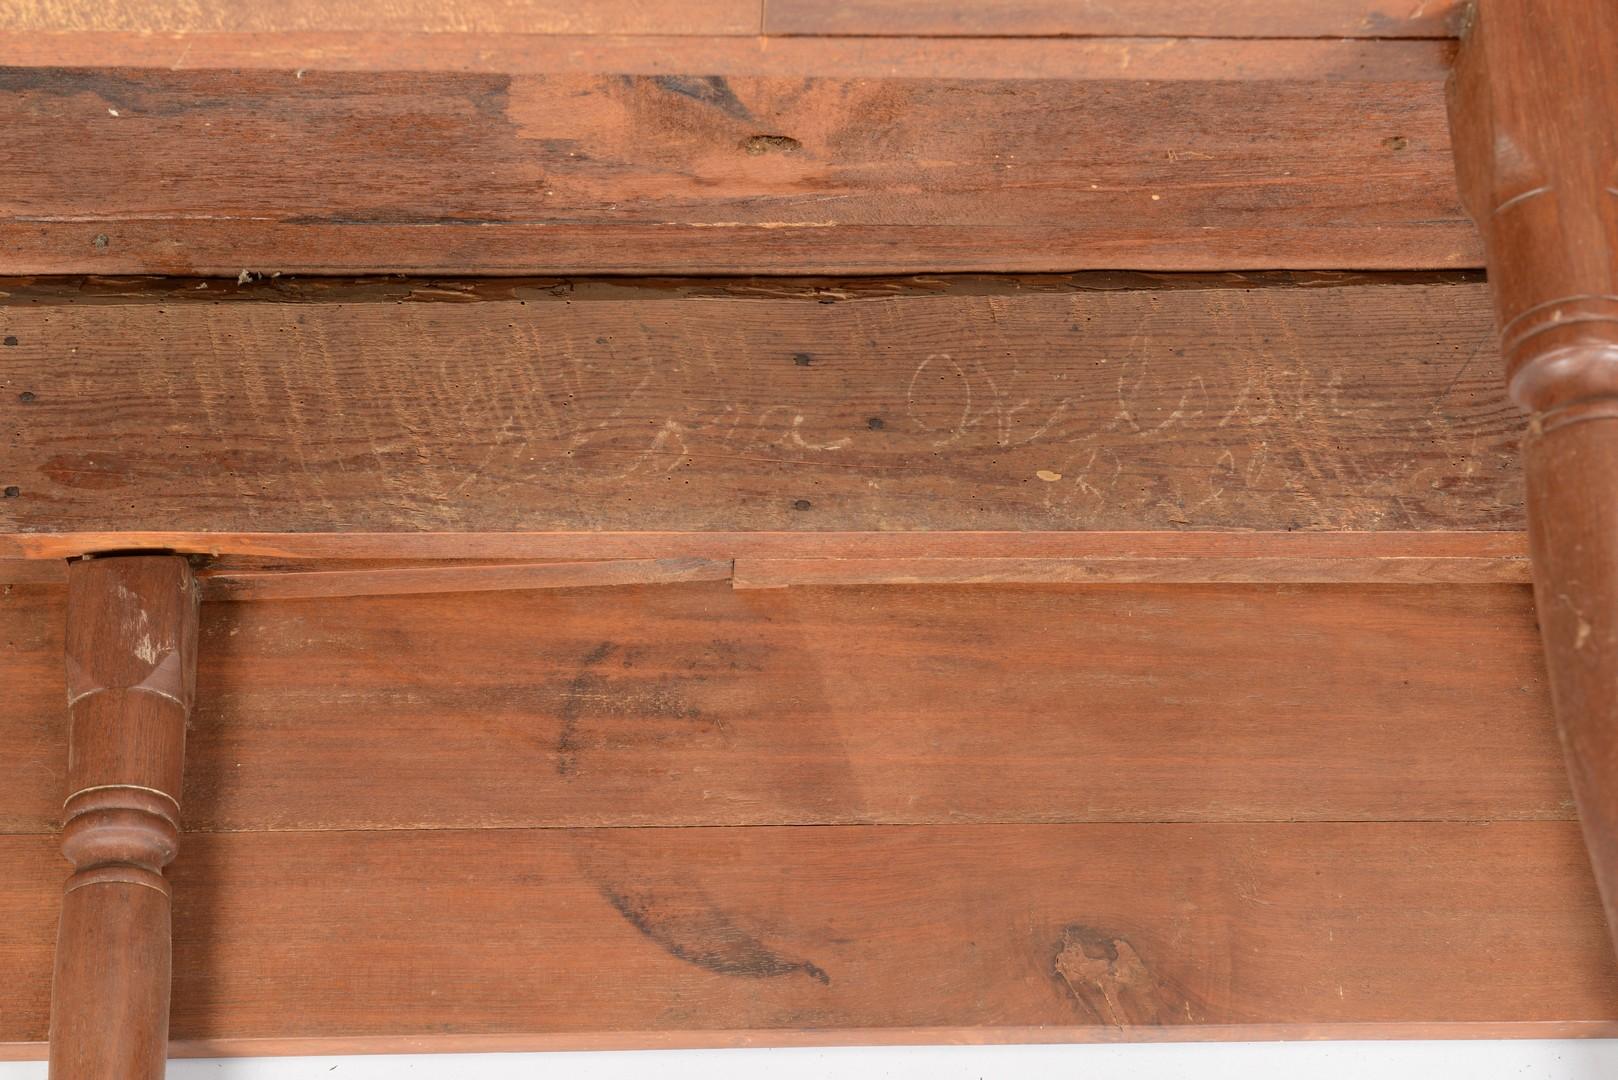 Lot 291: East TN Walnut Fall Leaf Table, Paneled Leaves